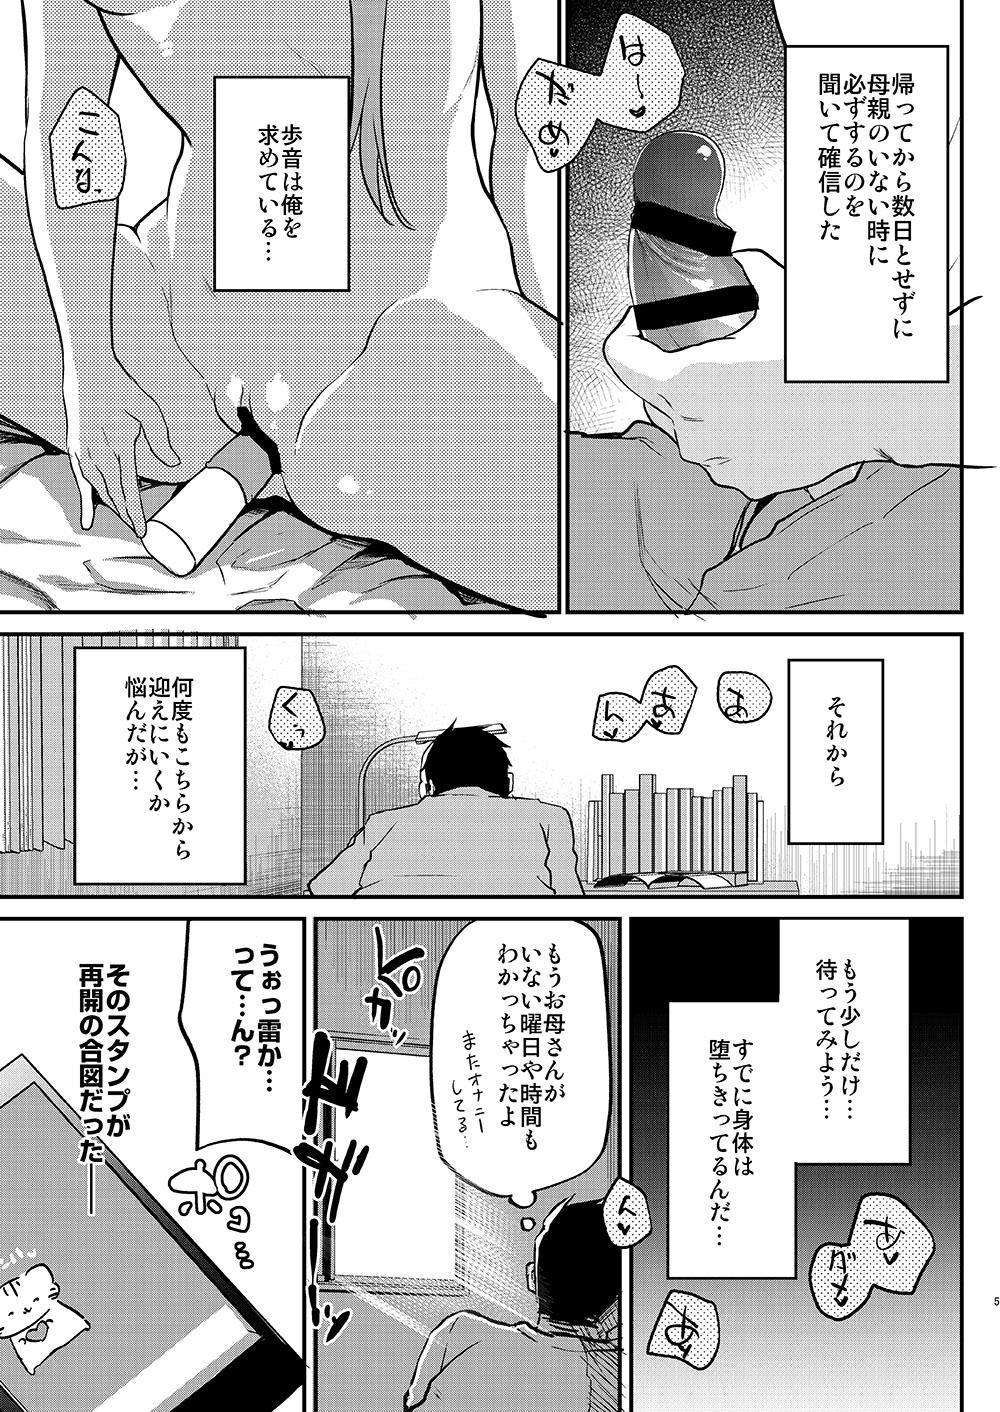 [Shimajiya (Shimaji)] Ayune-chan Choukyou Nisshi Vol. 2 -Oheya Ecchi Hen- [Digital] 5